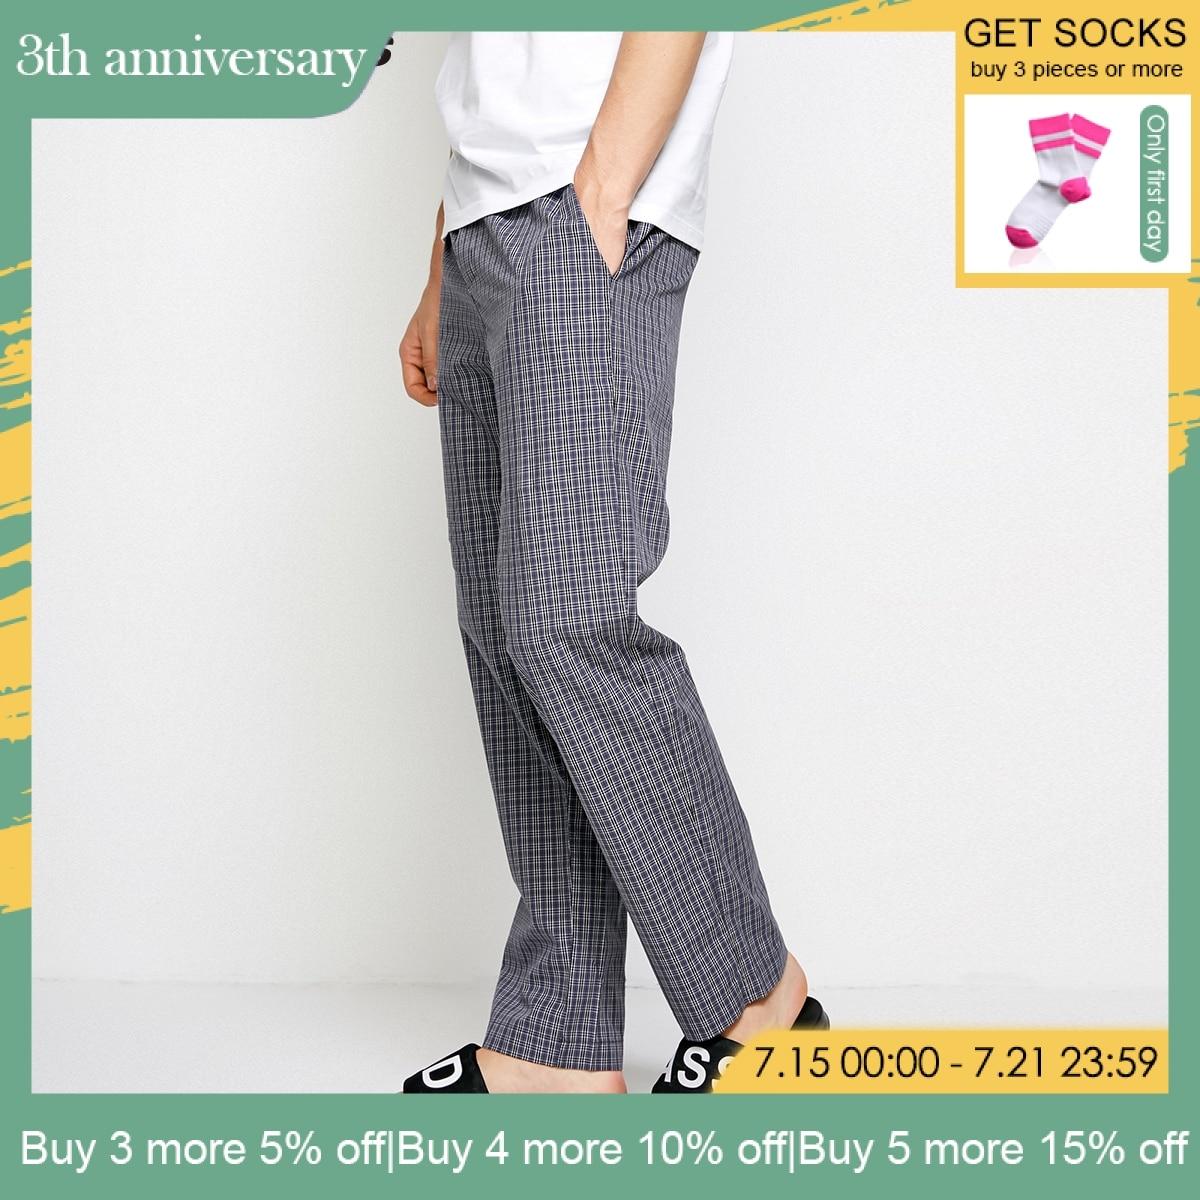 Jack Jones Spring Summer New Men Cotton Casual Plaid Pants Trousers 2183HC501